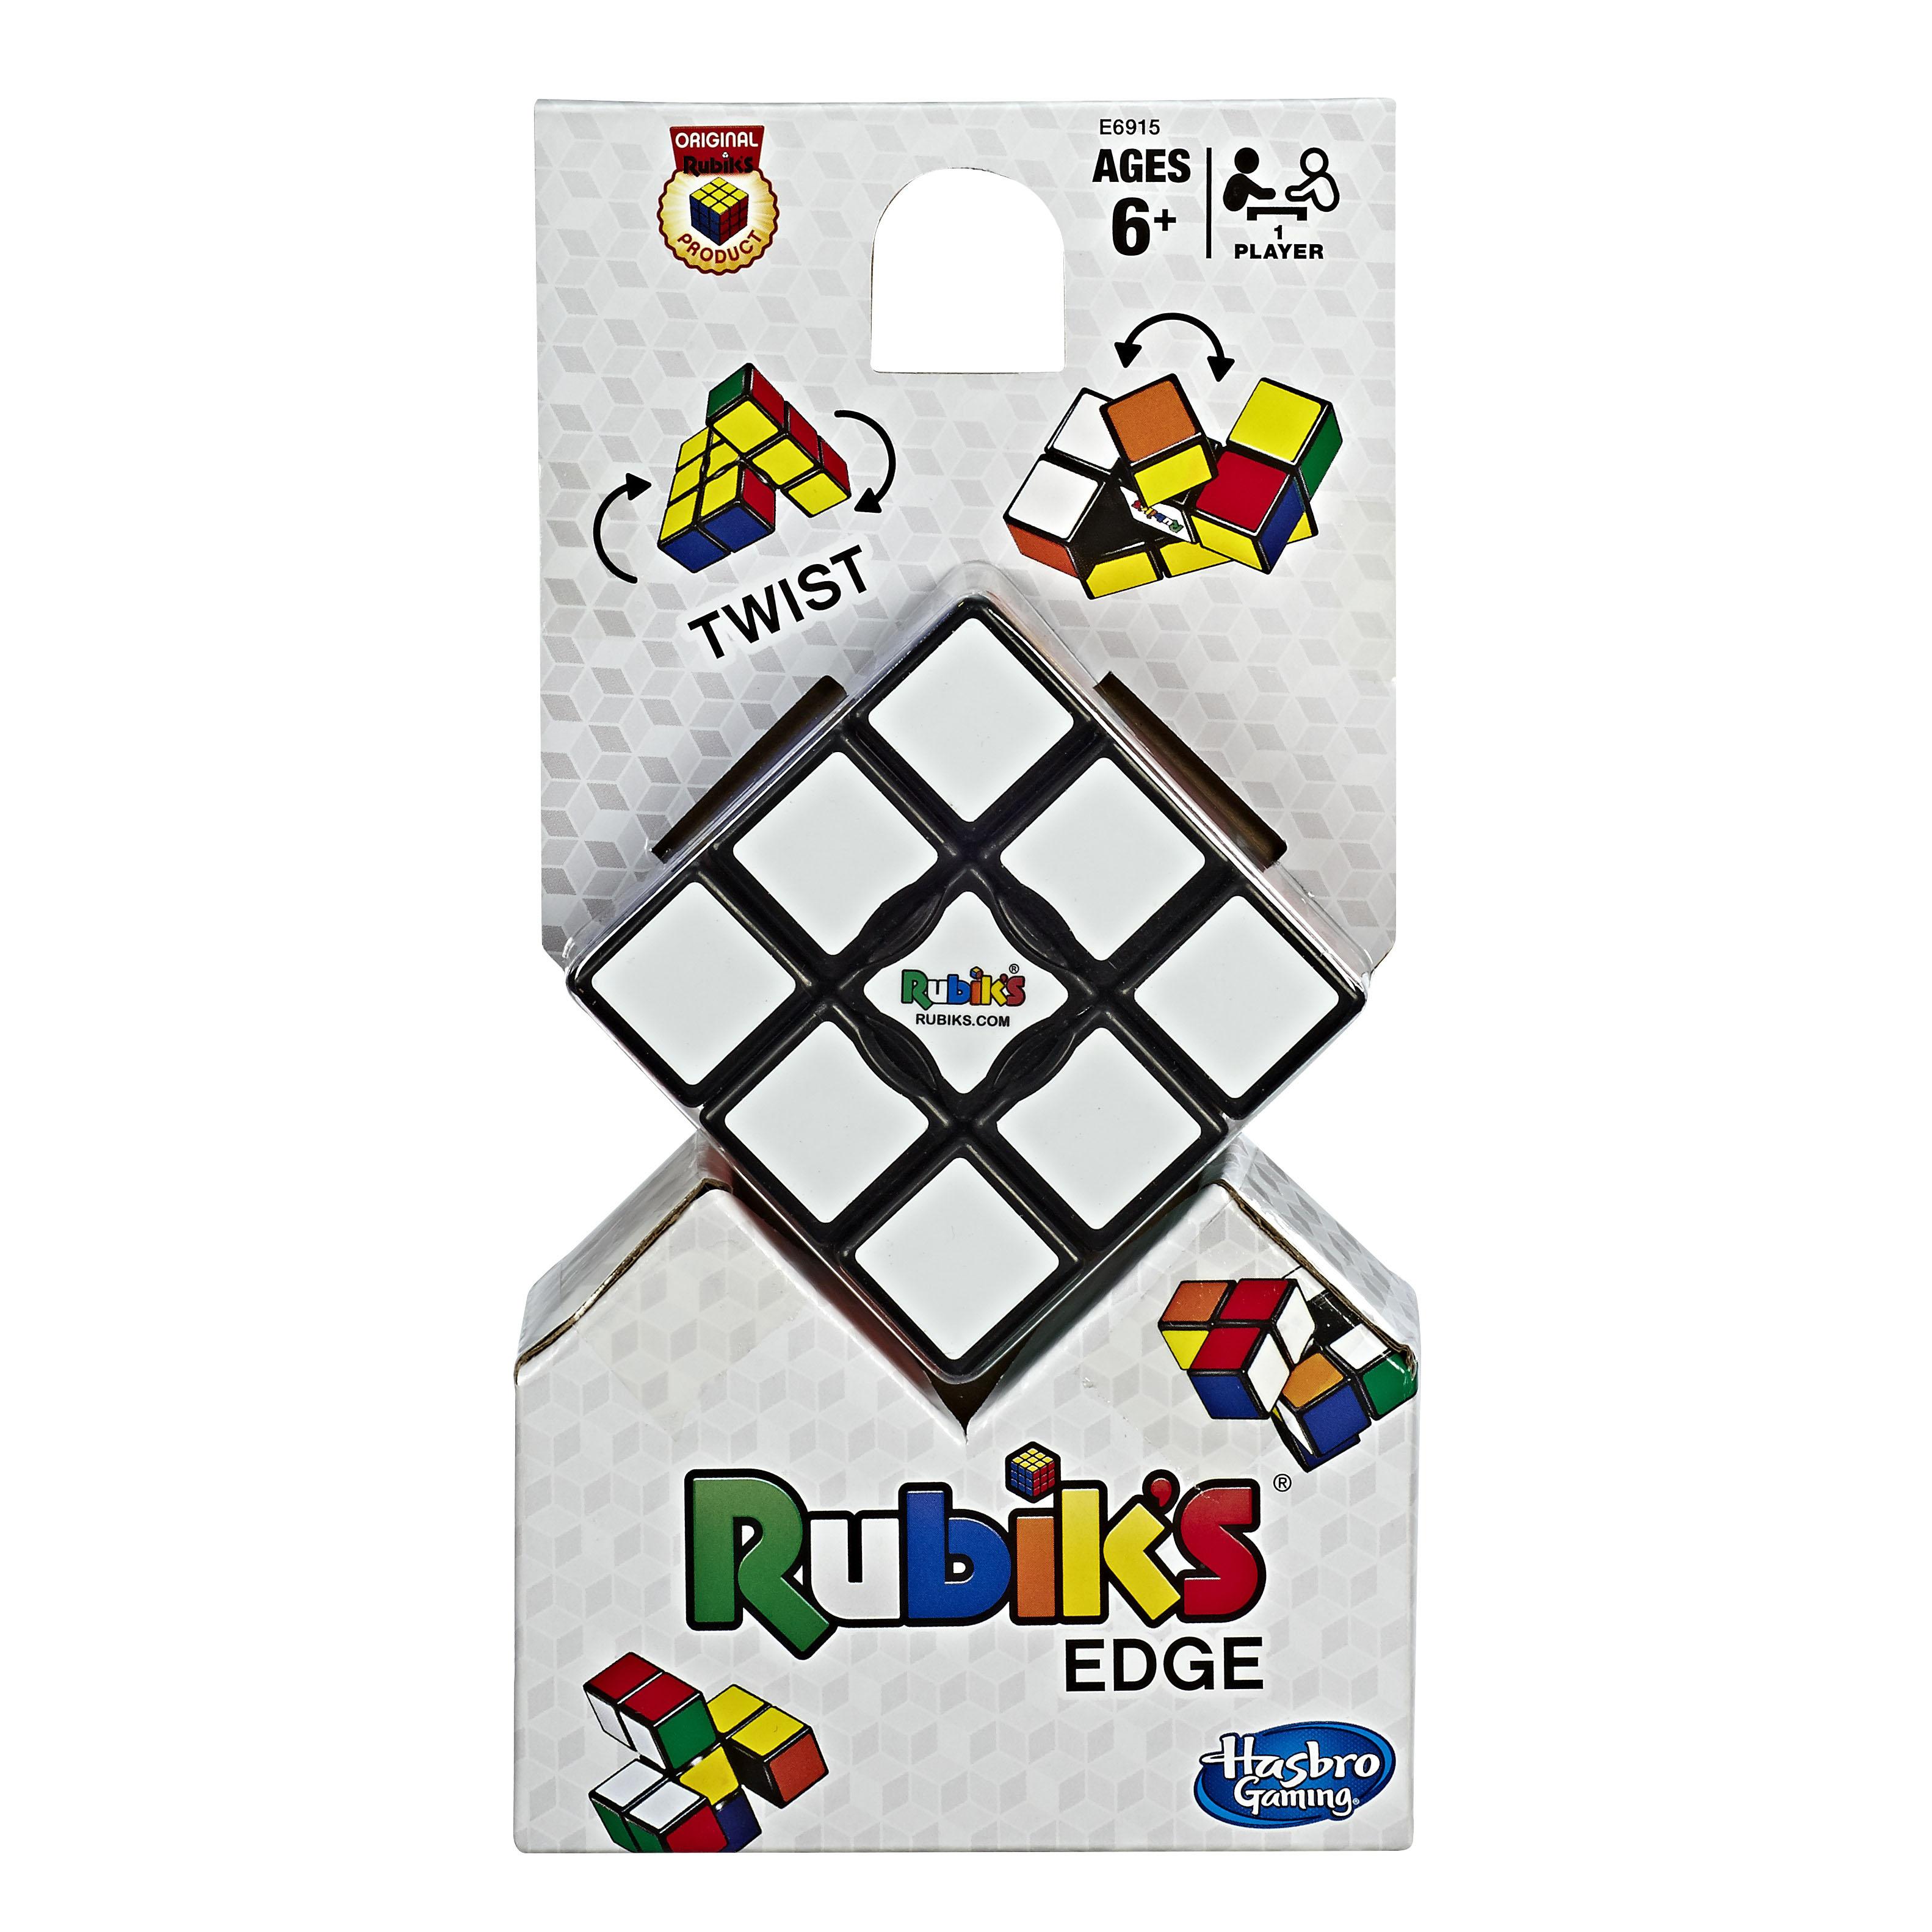 E6915 Rubiks Edge pkg